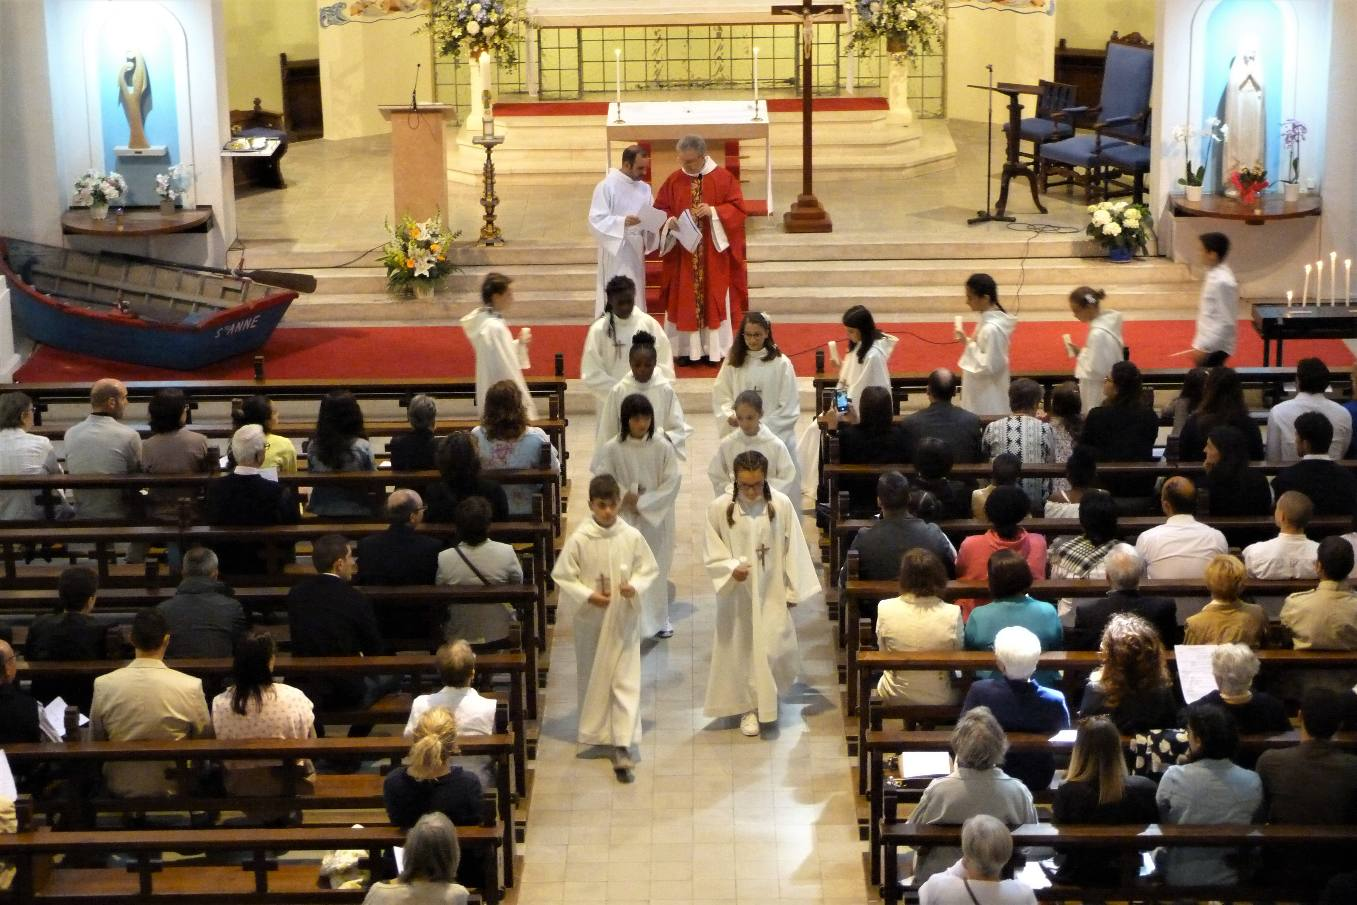 Les enfants vont se placer en procession pour le signe de la Lumière et proclamer le Credo qu'ils ont écrit lors d'une catéchèse en extérieur.